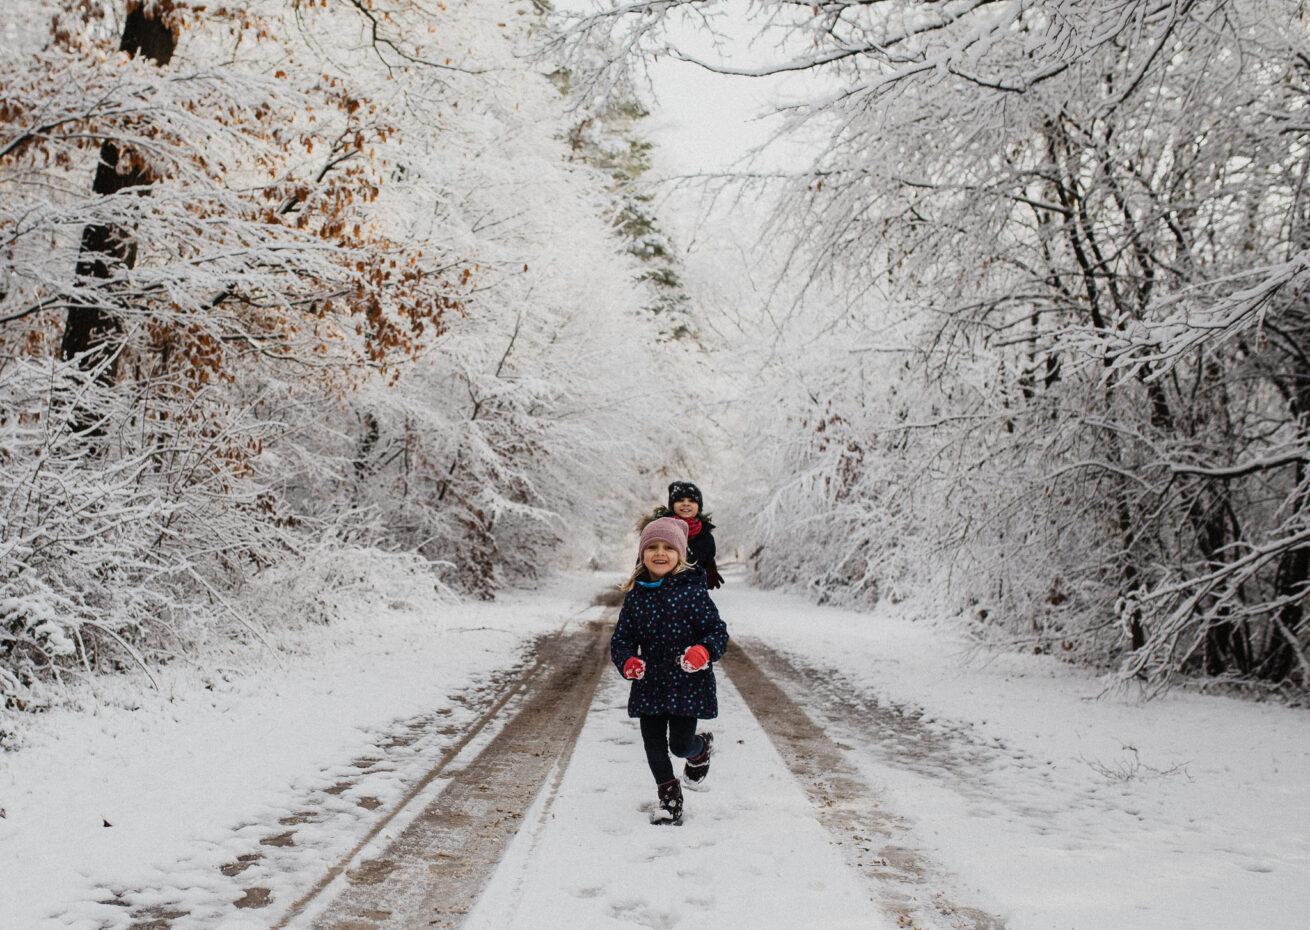 Kinder rennen im Schnee